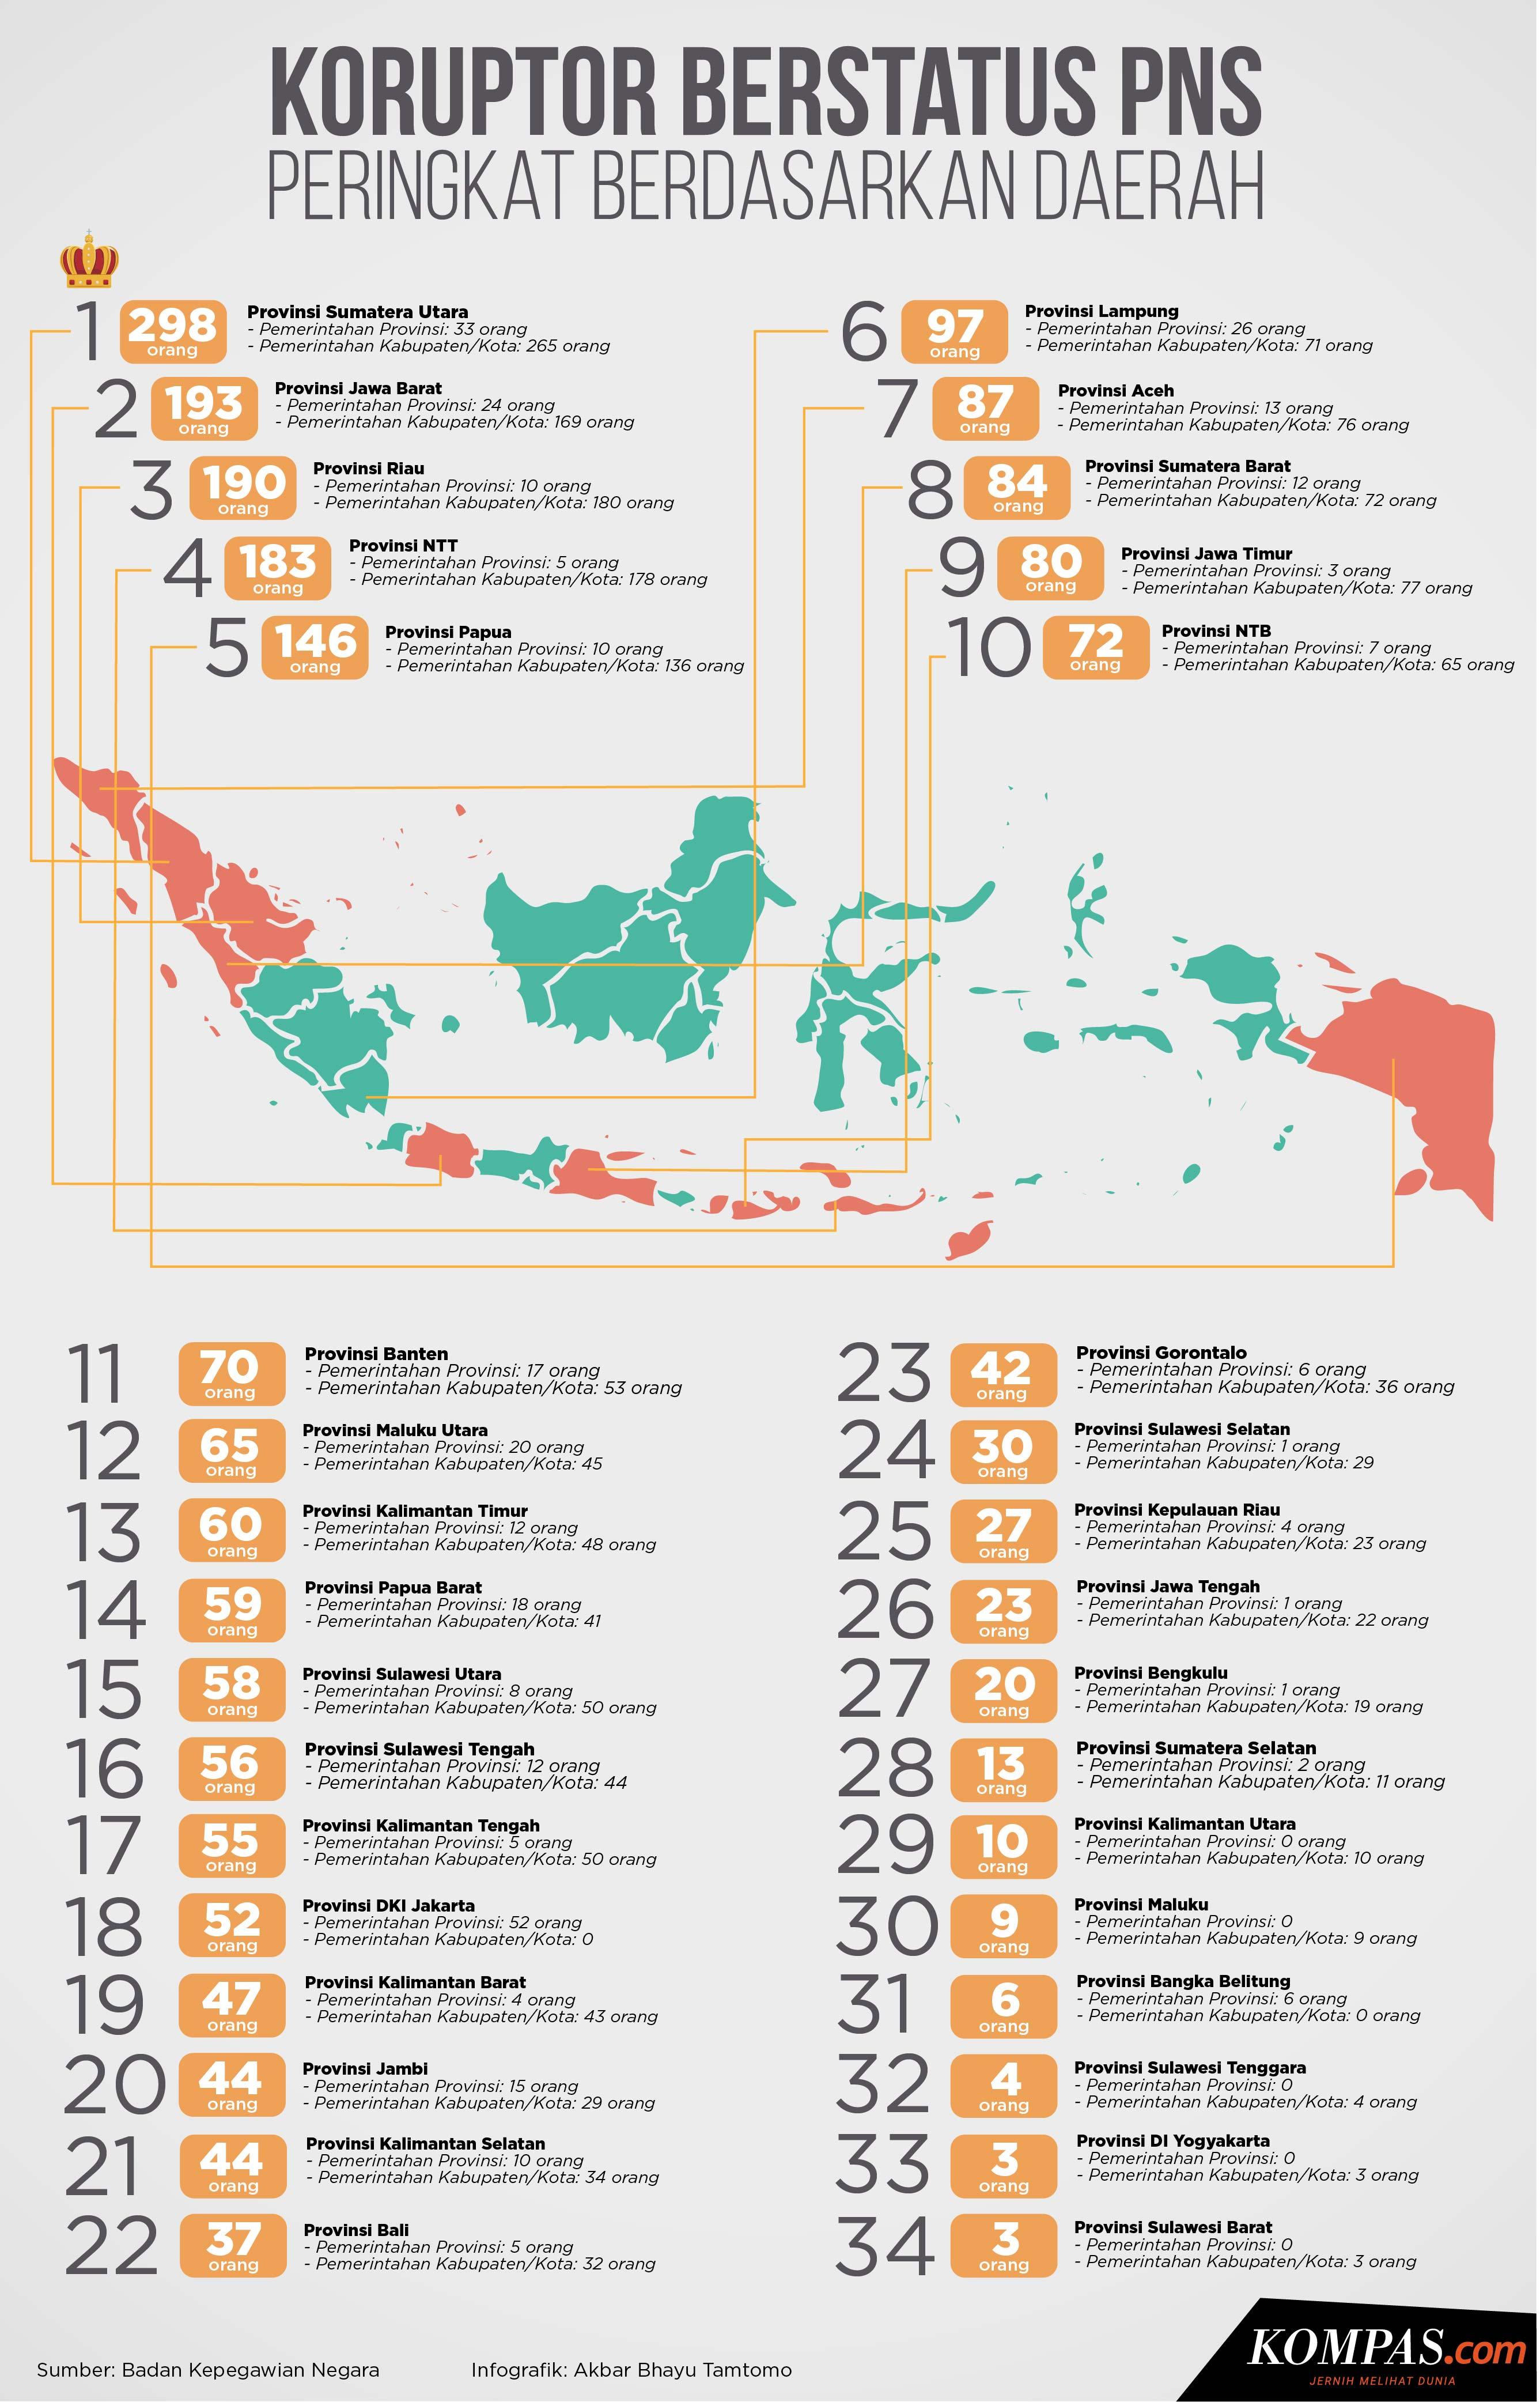 infografik-koruptor-berstatus-pns-ini-peringkat-berdasarkan-daerah